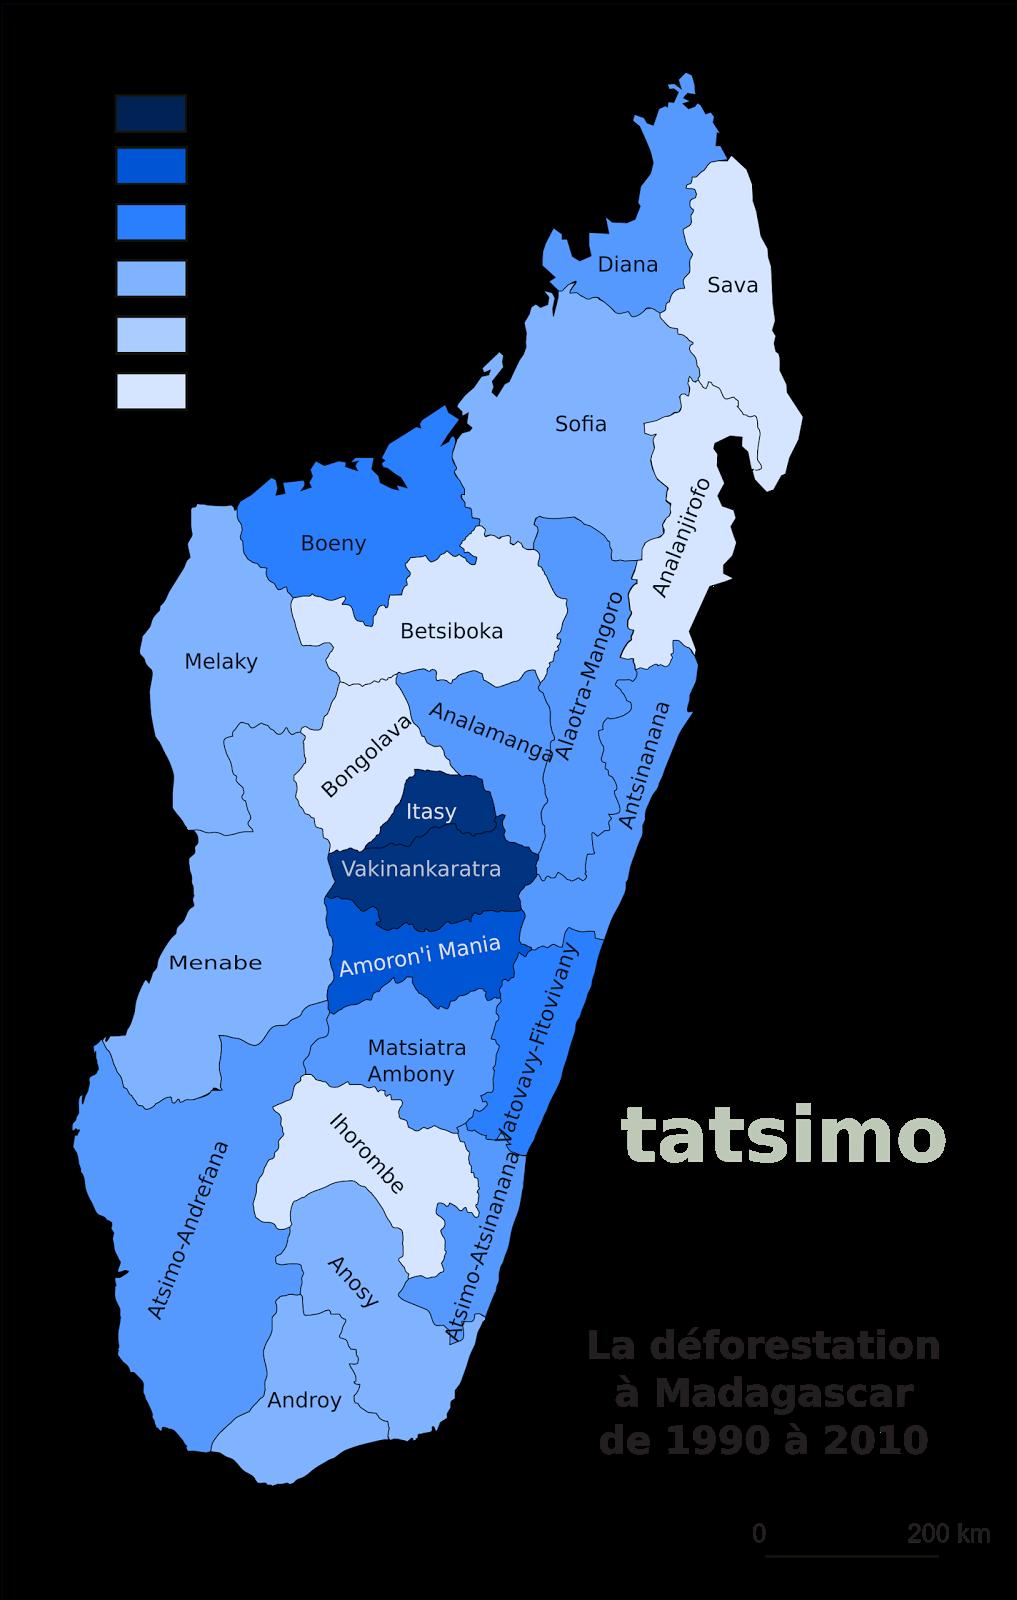 Carte De Madagascar Png.Tatsimo Carte De La Deforestation A Madagascar De 1990 A 2010